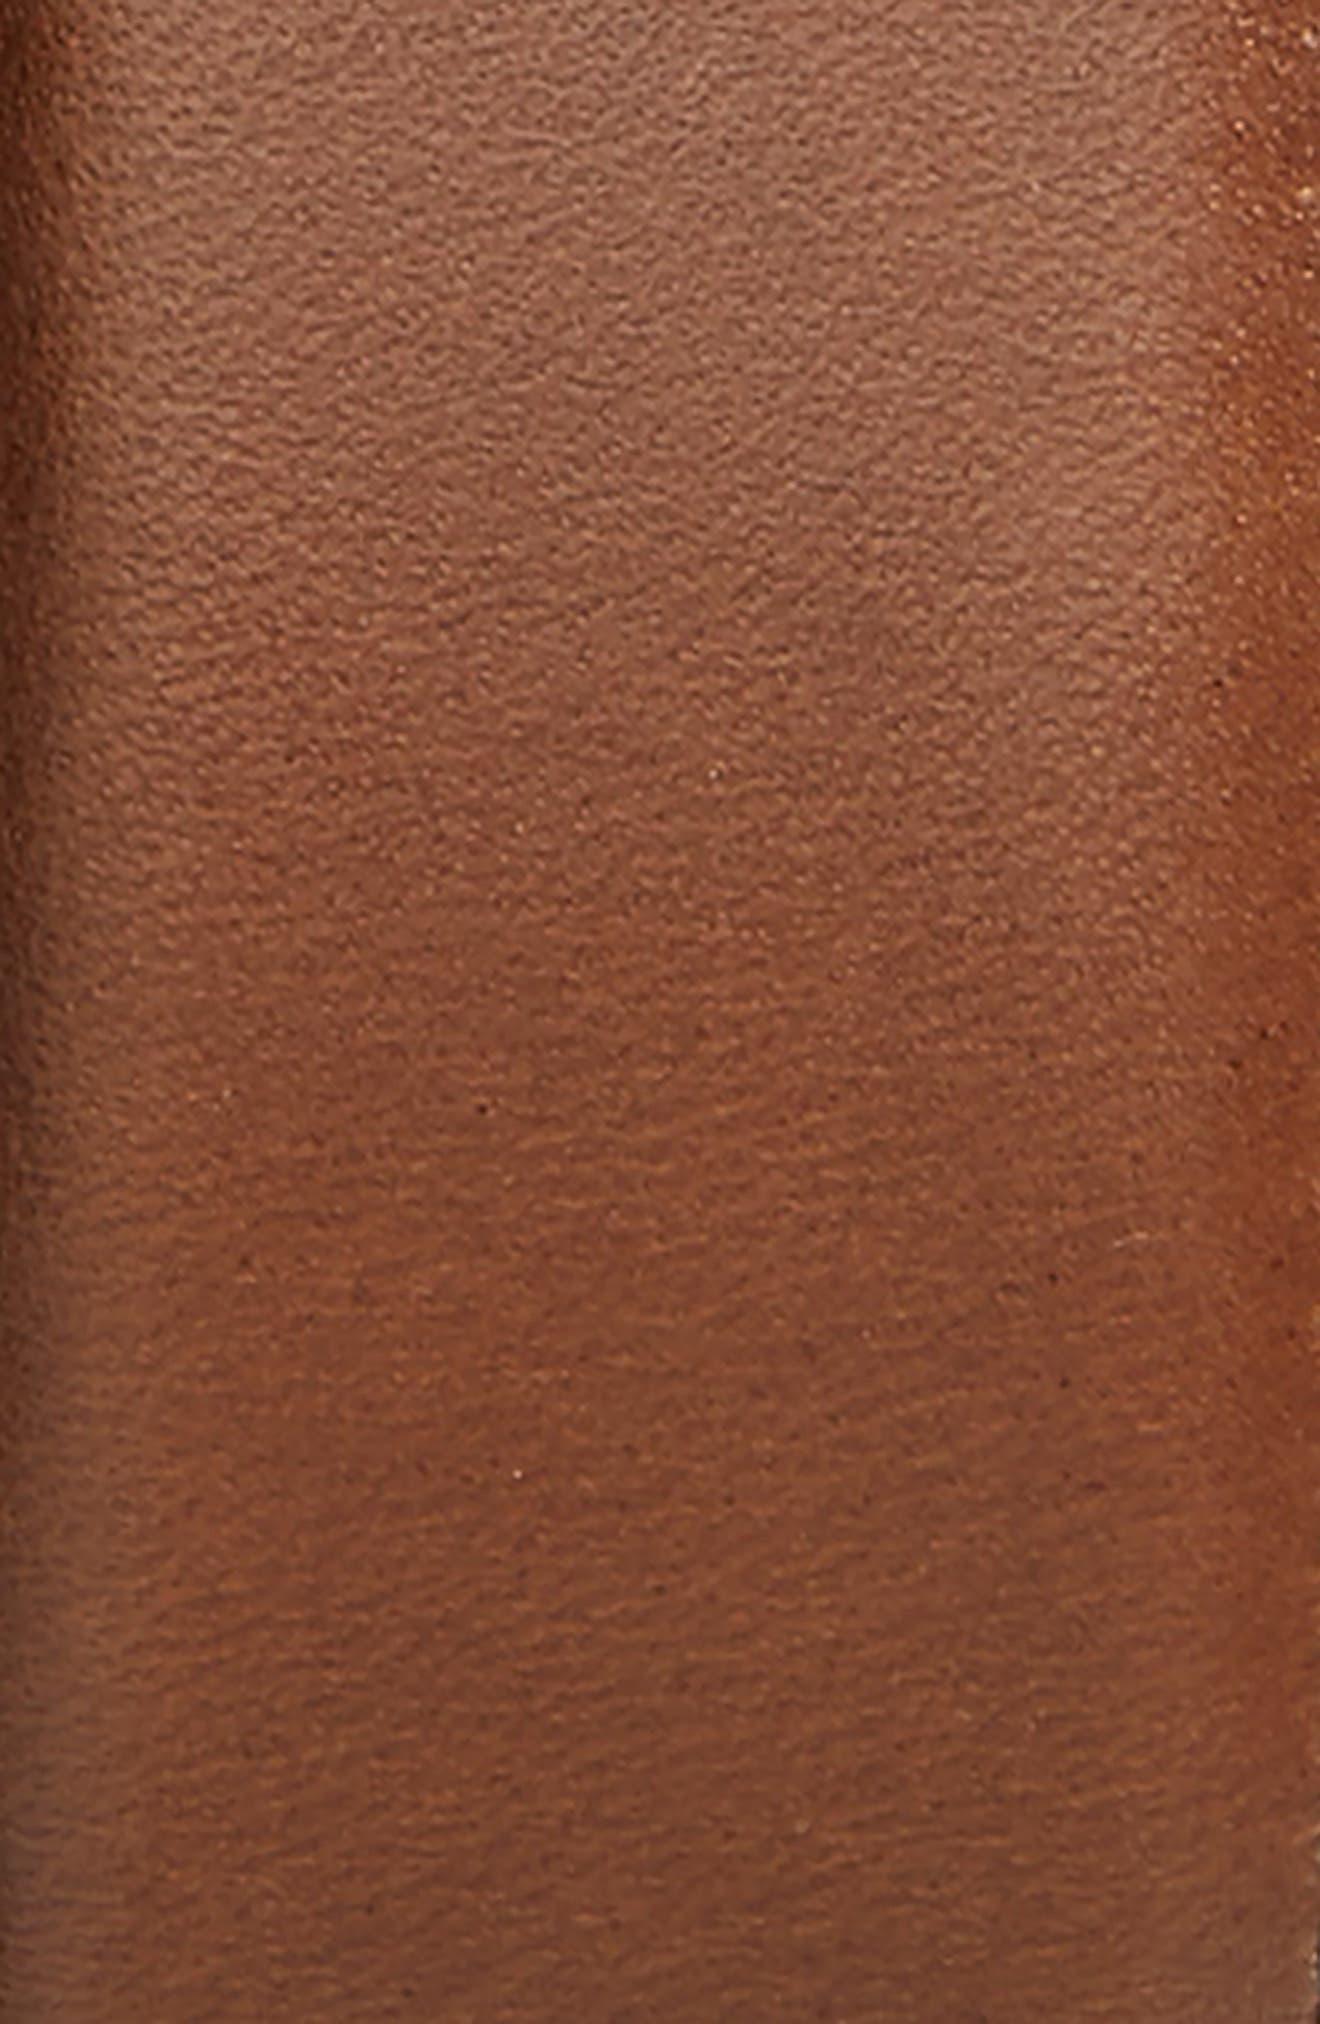 Parker Leather Belt,                             Alternate thumbnail 2, color,                             Brown Chestnut